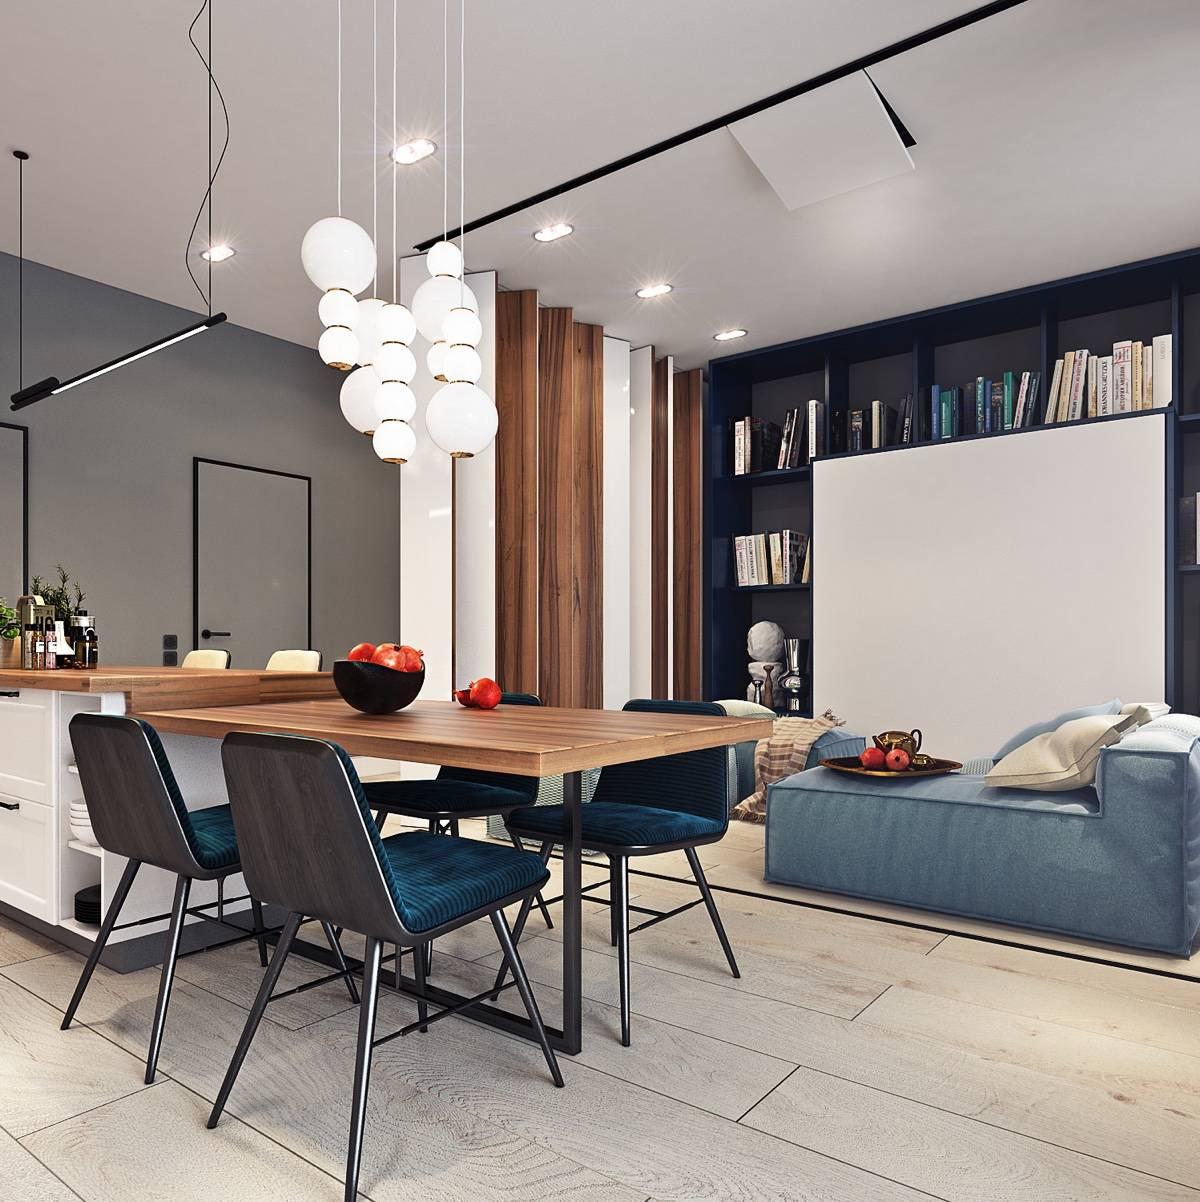 Дизайн однокомнатной квартиры 42 кв. м. - 75 вариантов планировки